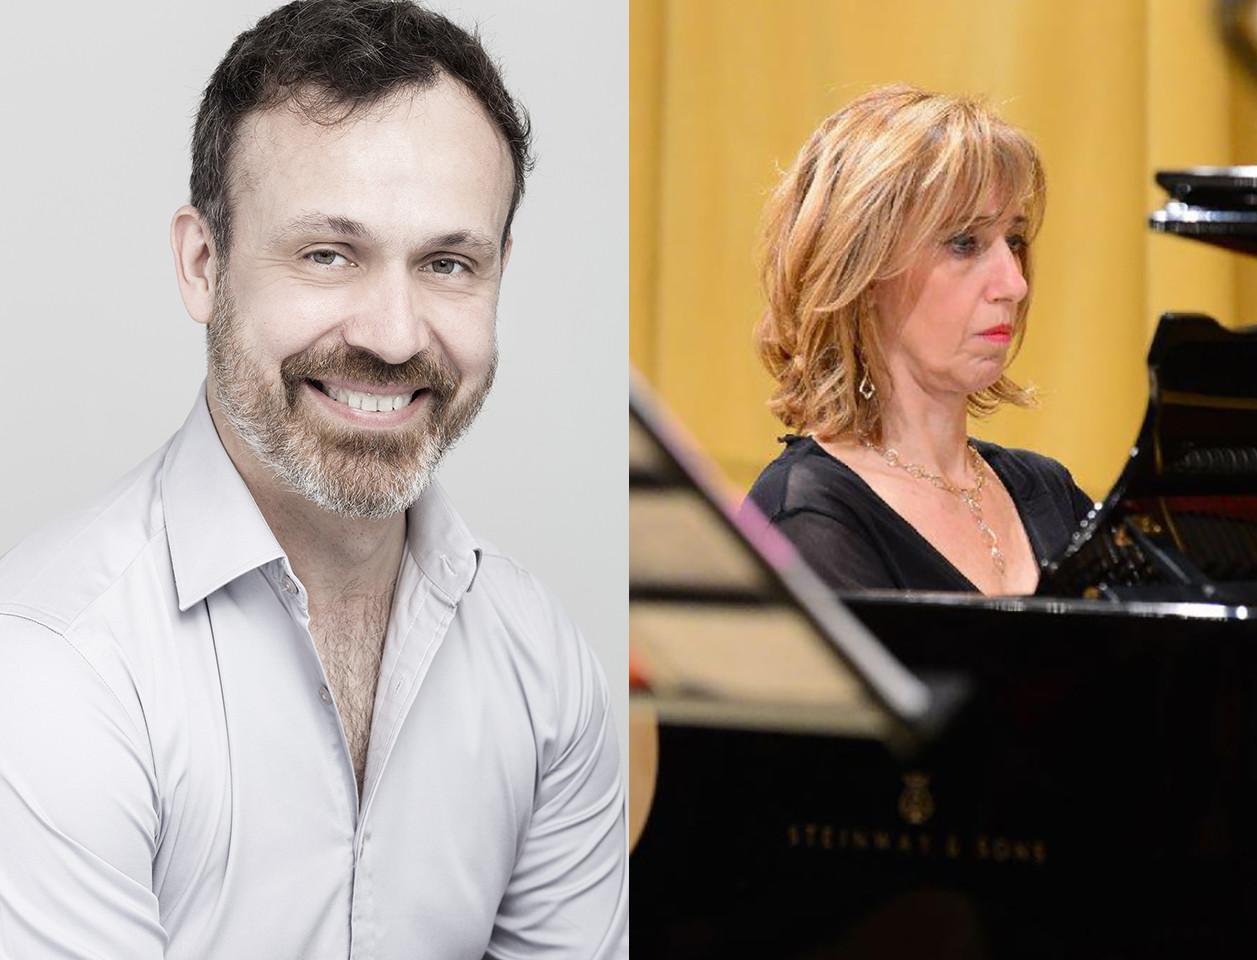 Muove la Regina!  Sergio Foresti (baritono) e Claudia Rondelli (pianoforte) propongono un programma tutto dedicato alle romanze da camera